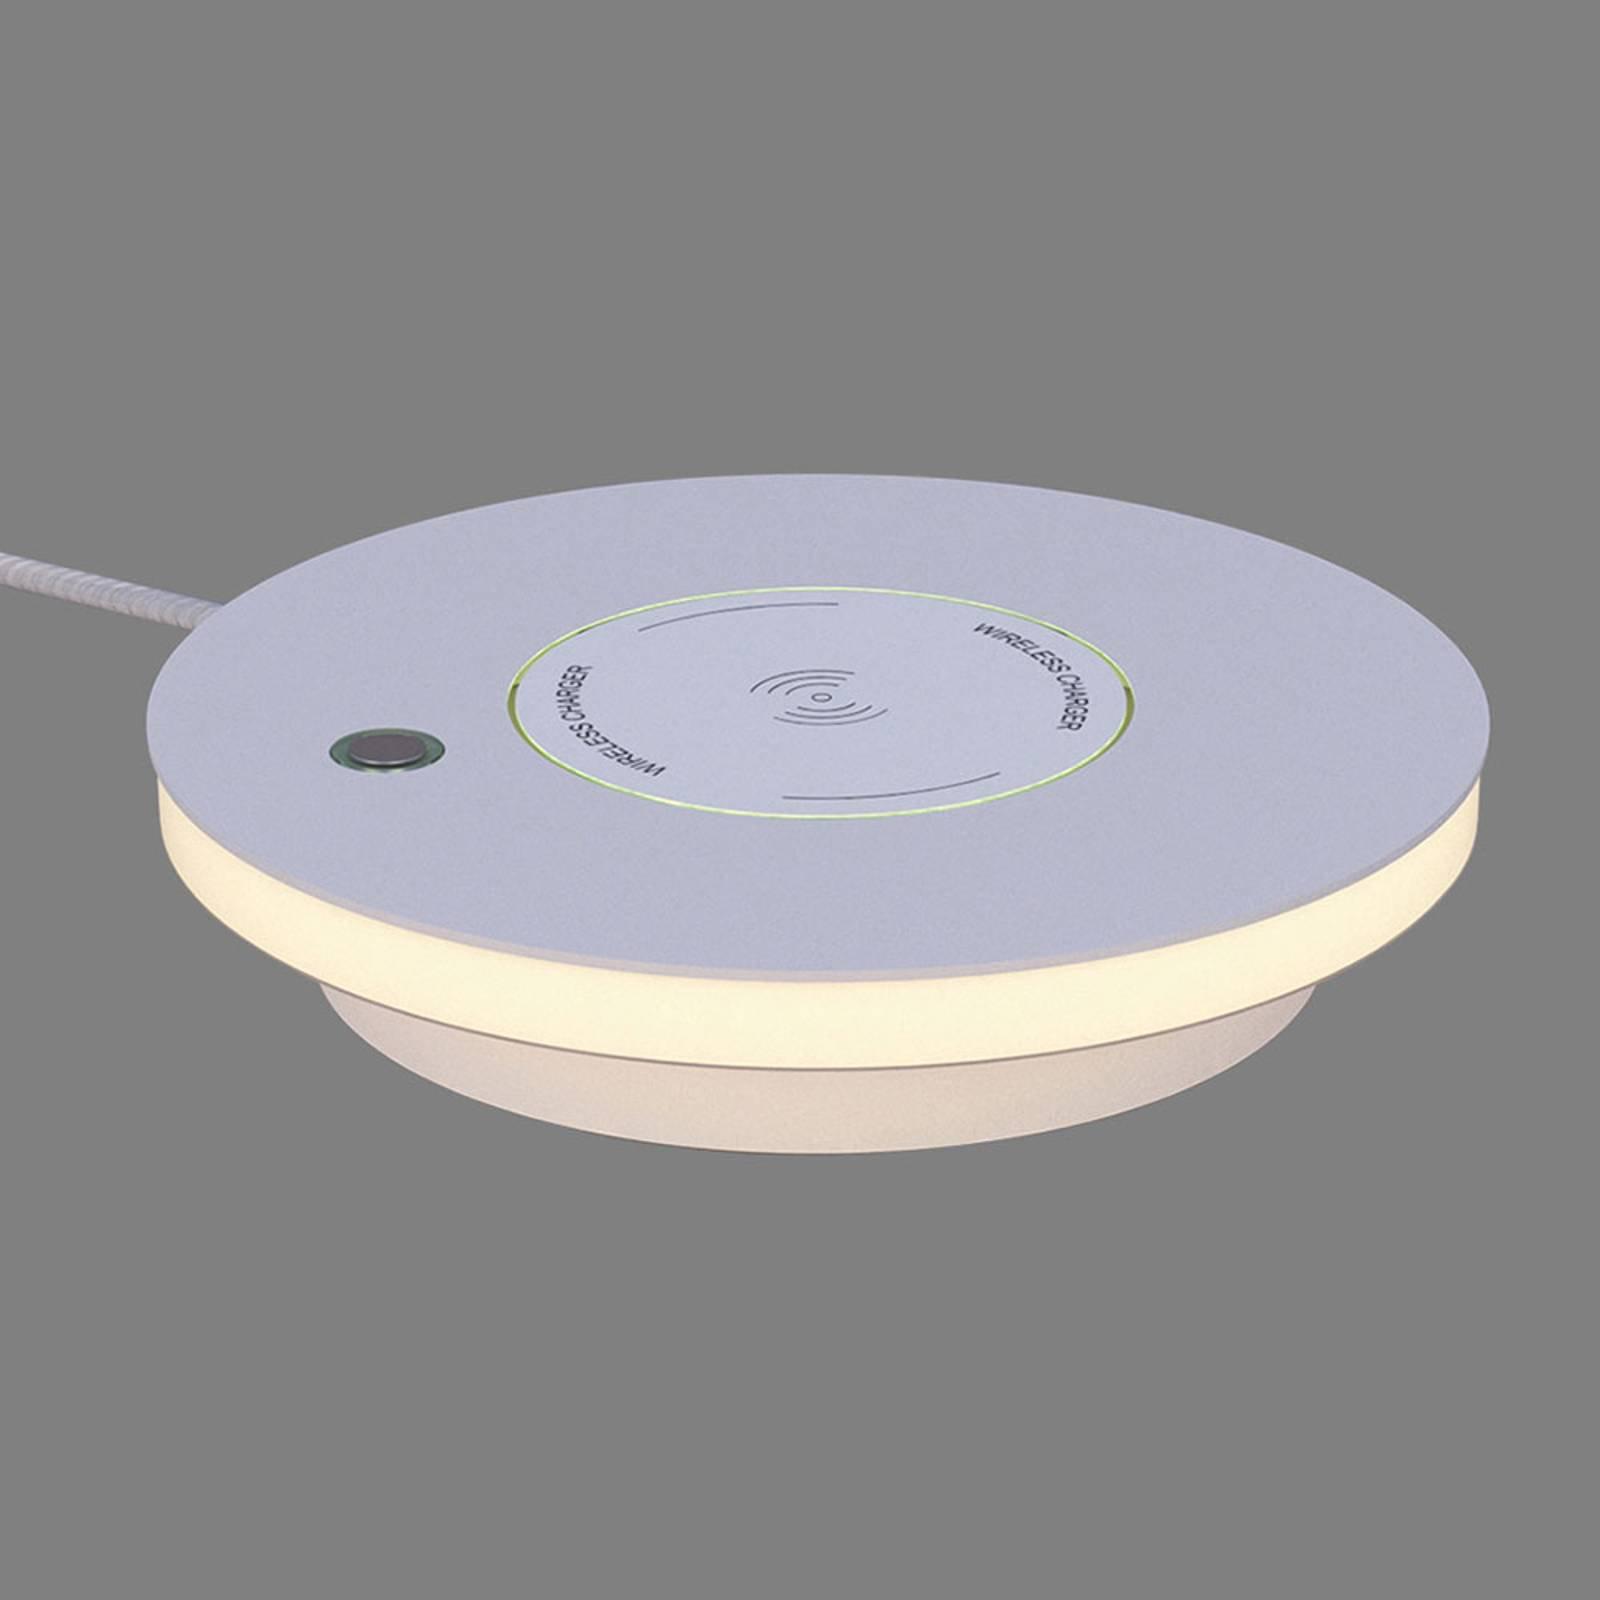 LED-bordlampe Ekil, QI-ladestasjon, hvit